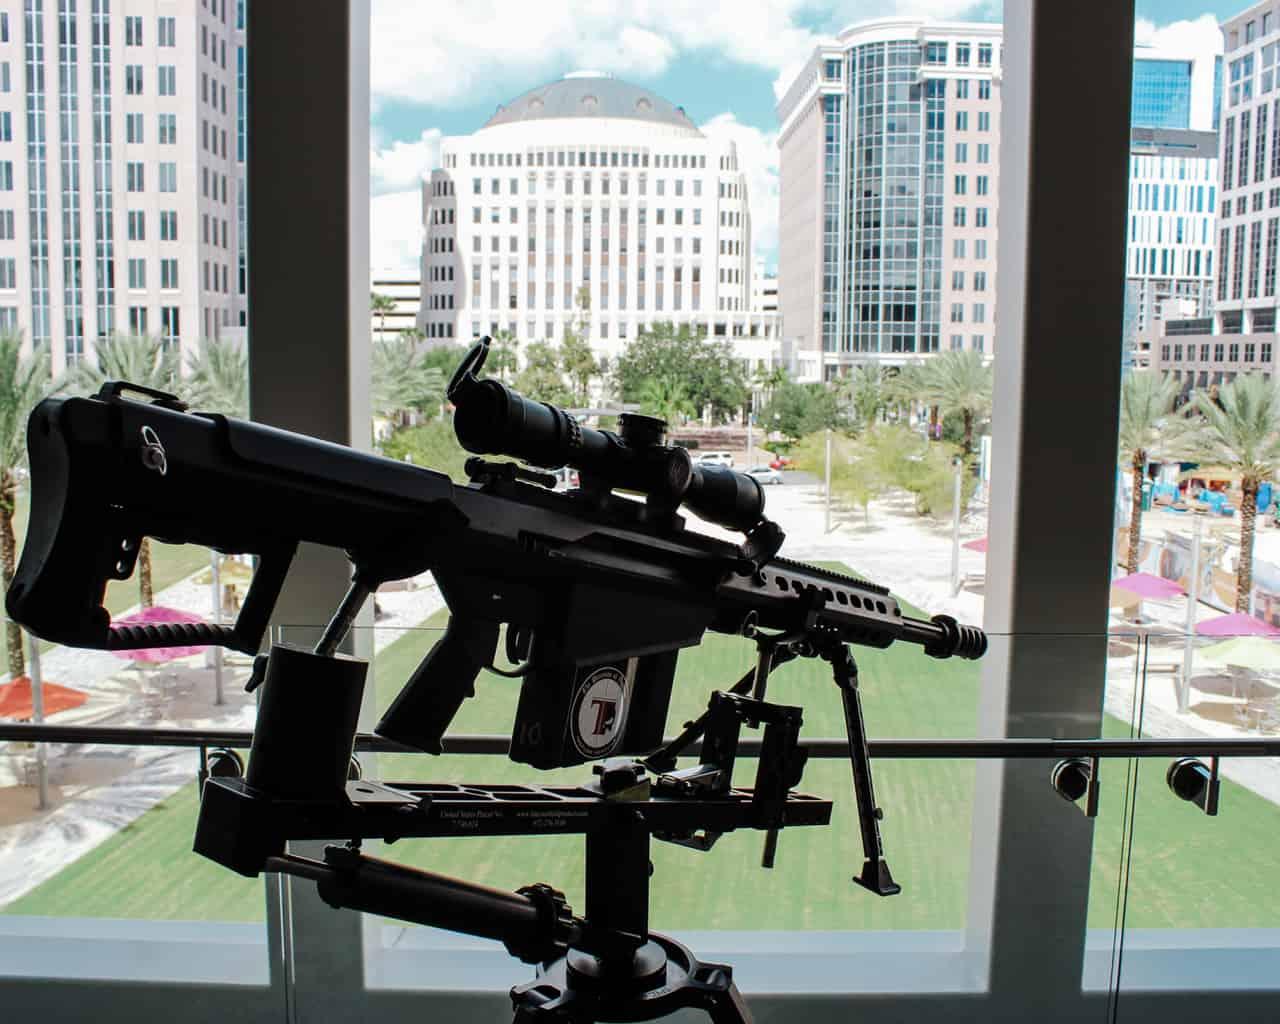 urban-sniper-response-tactics-course-14